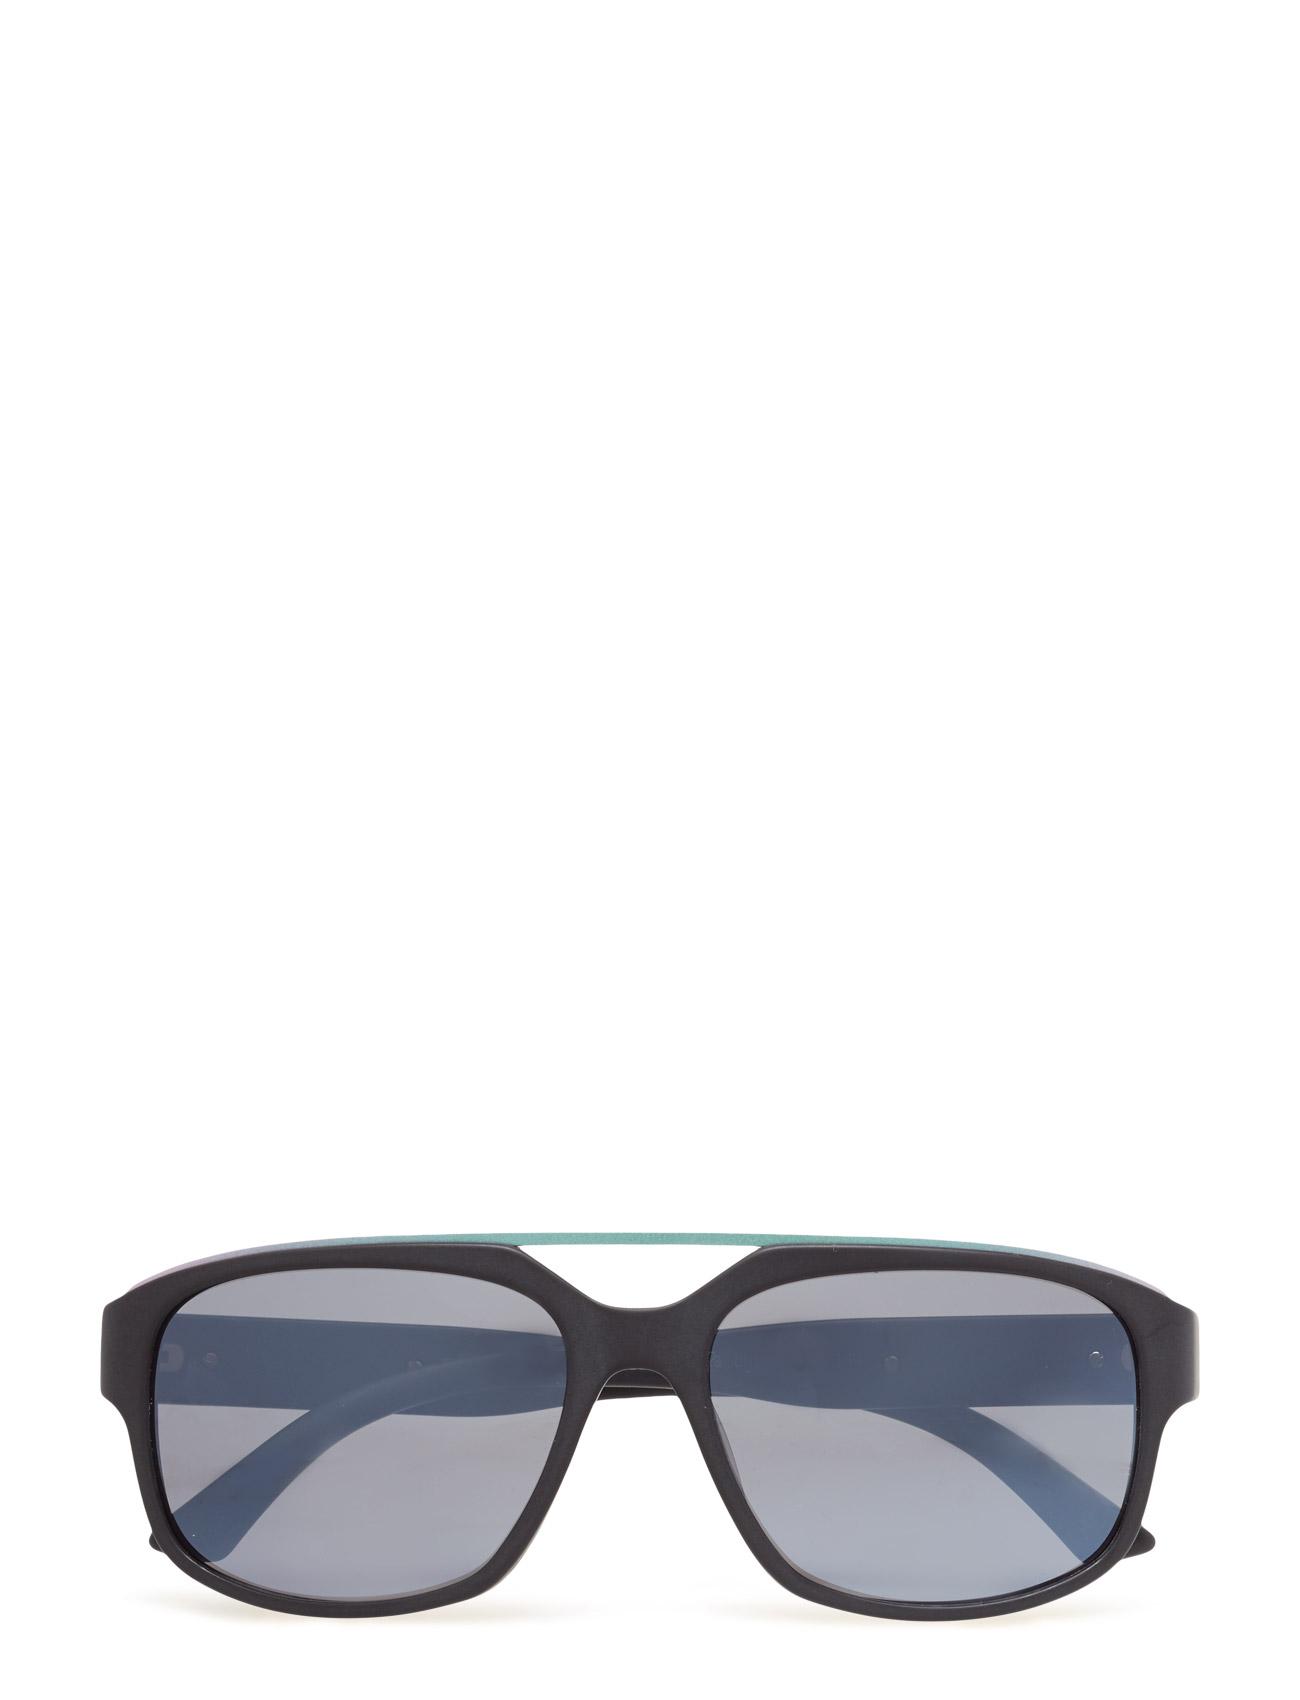 Pu0013s Puma Solbriller til Herrer i